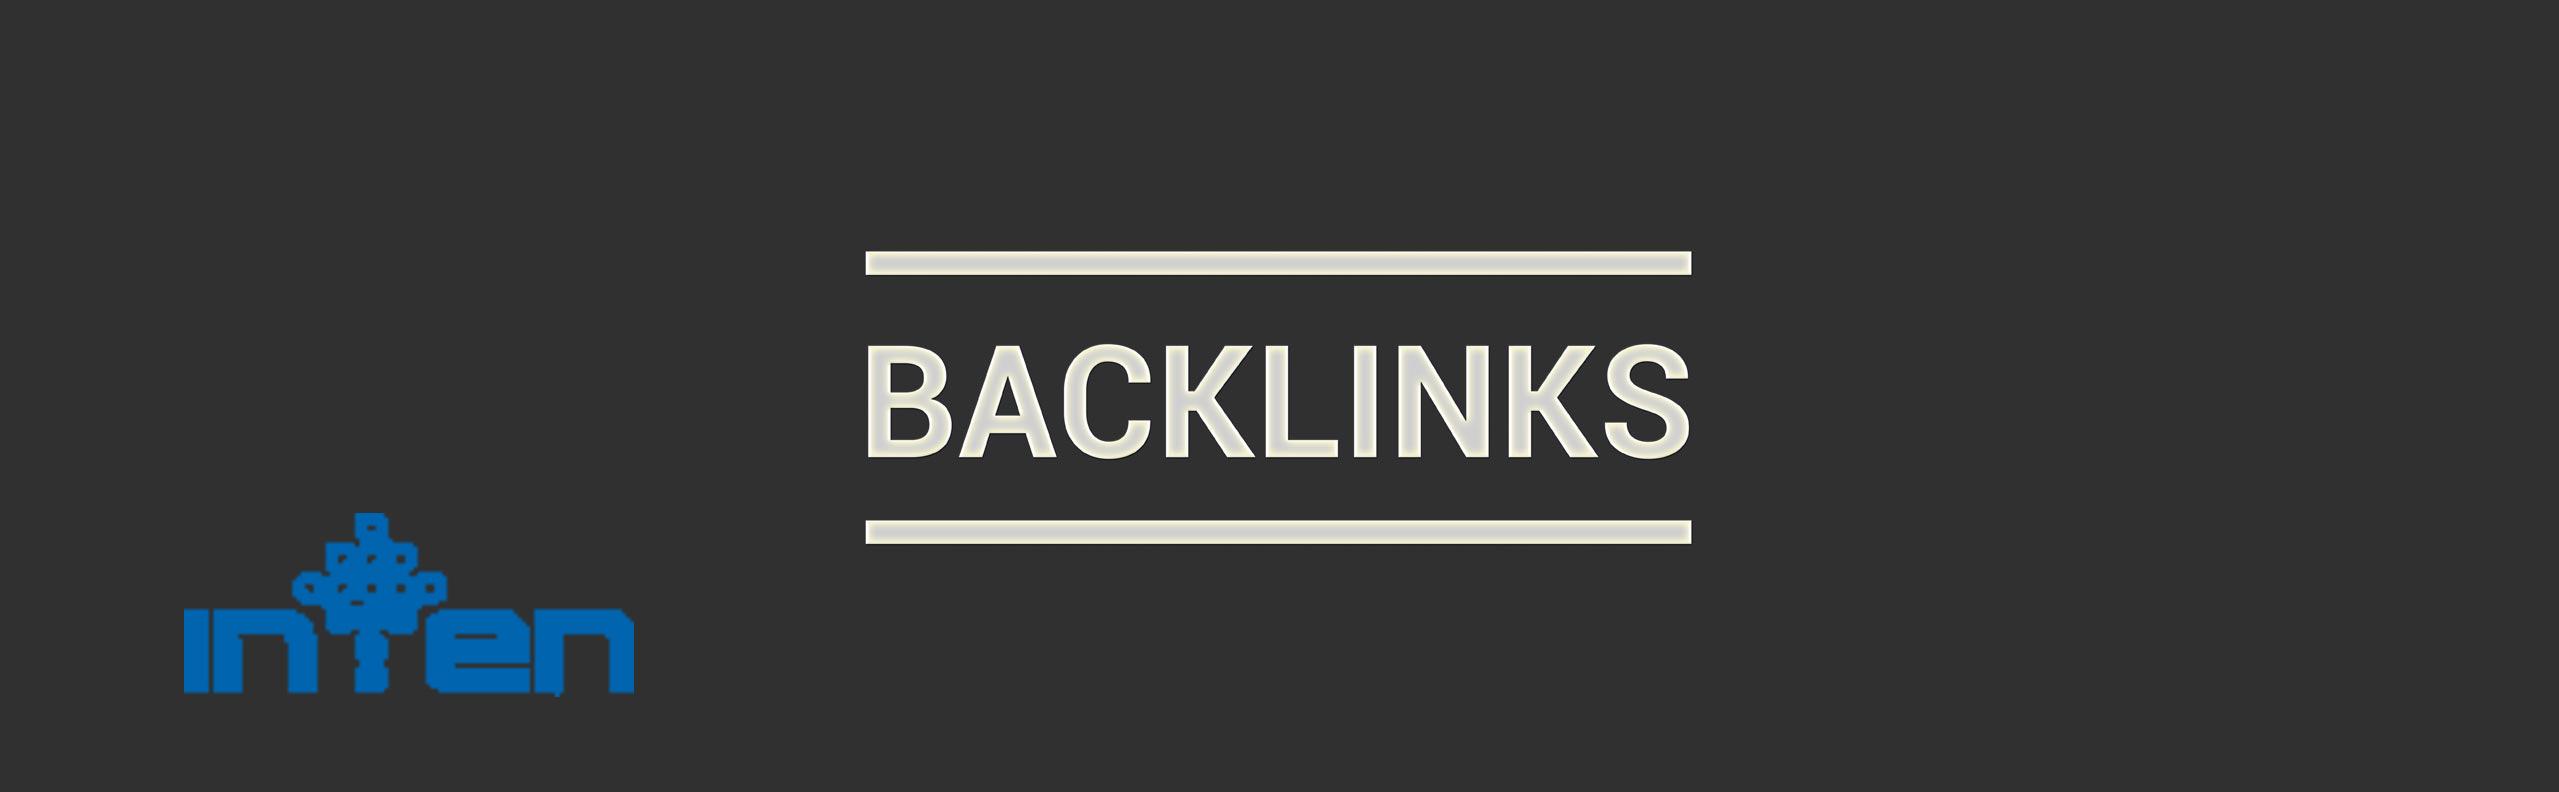 طراحی سایت-بک لینک (Backlink) چیست؟